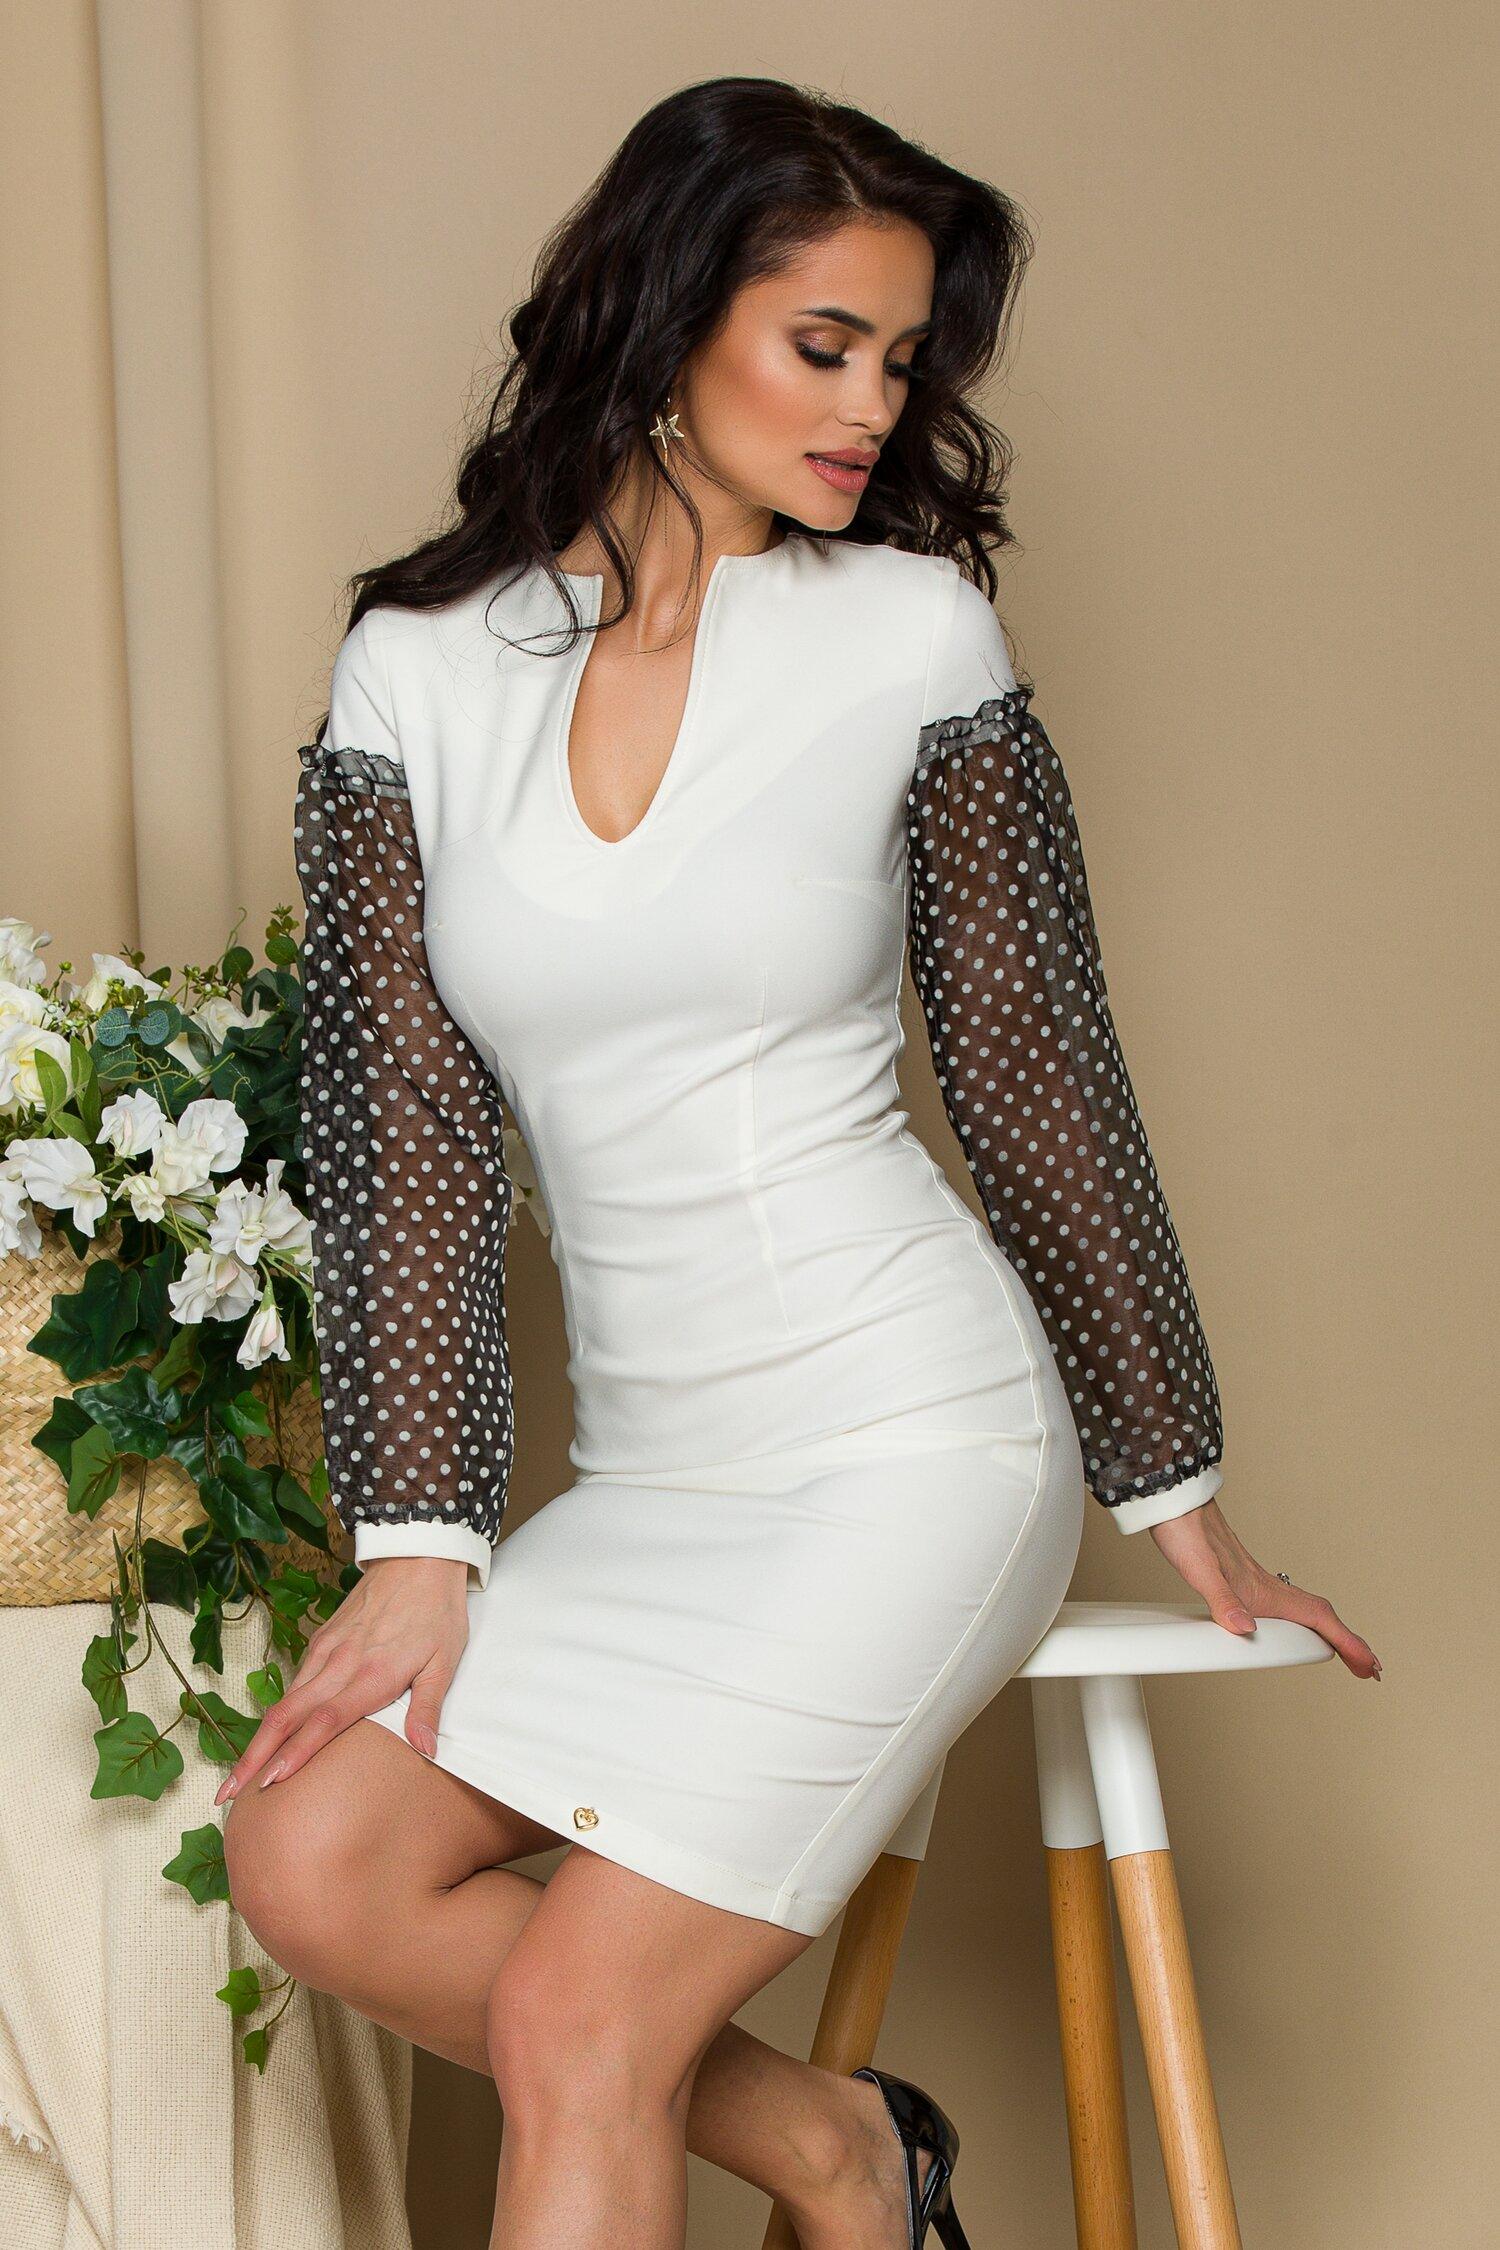 rochie pami alba cu maneci din organza cu buline catifelate 641715 4